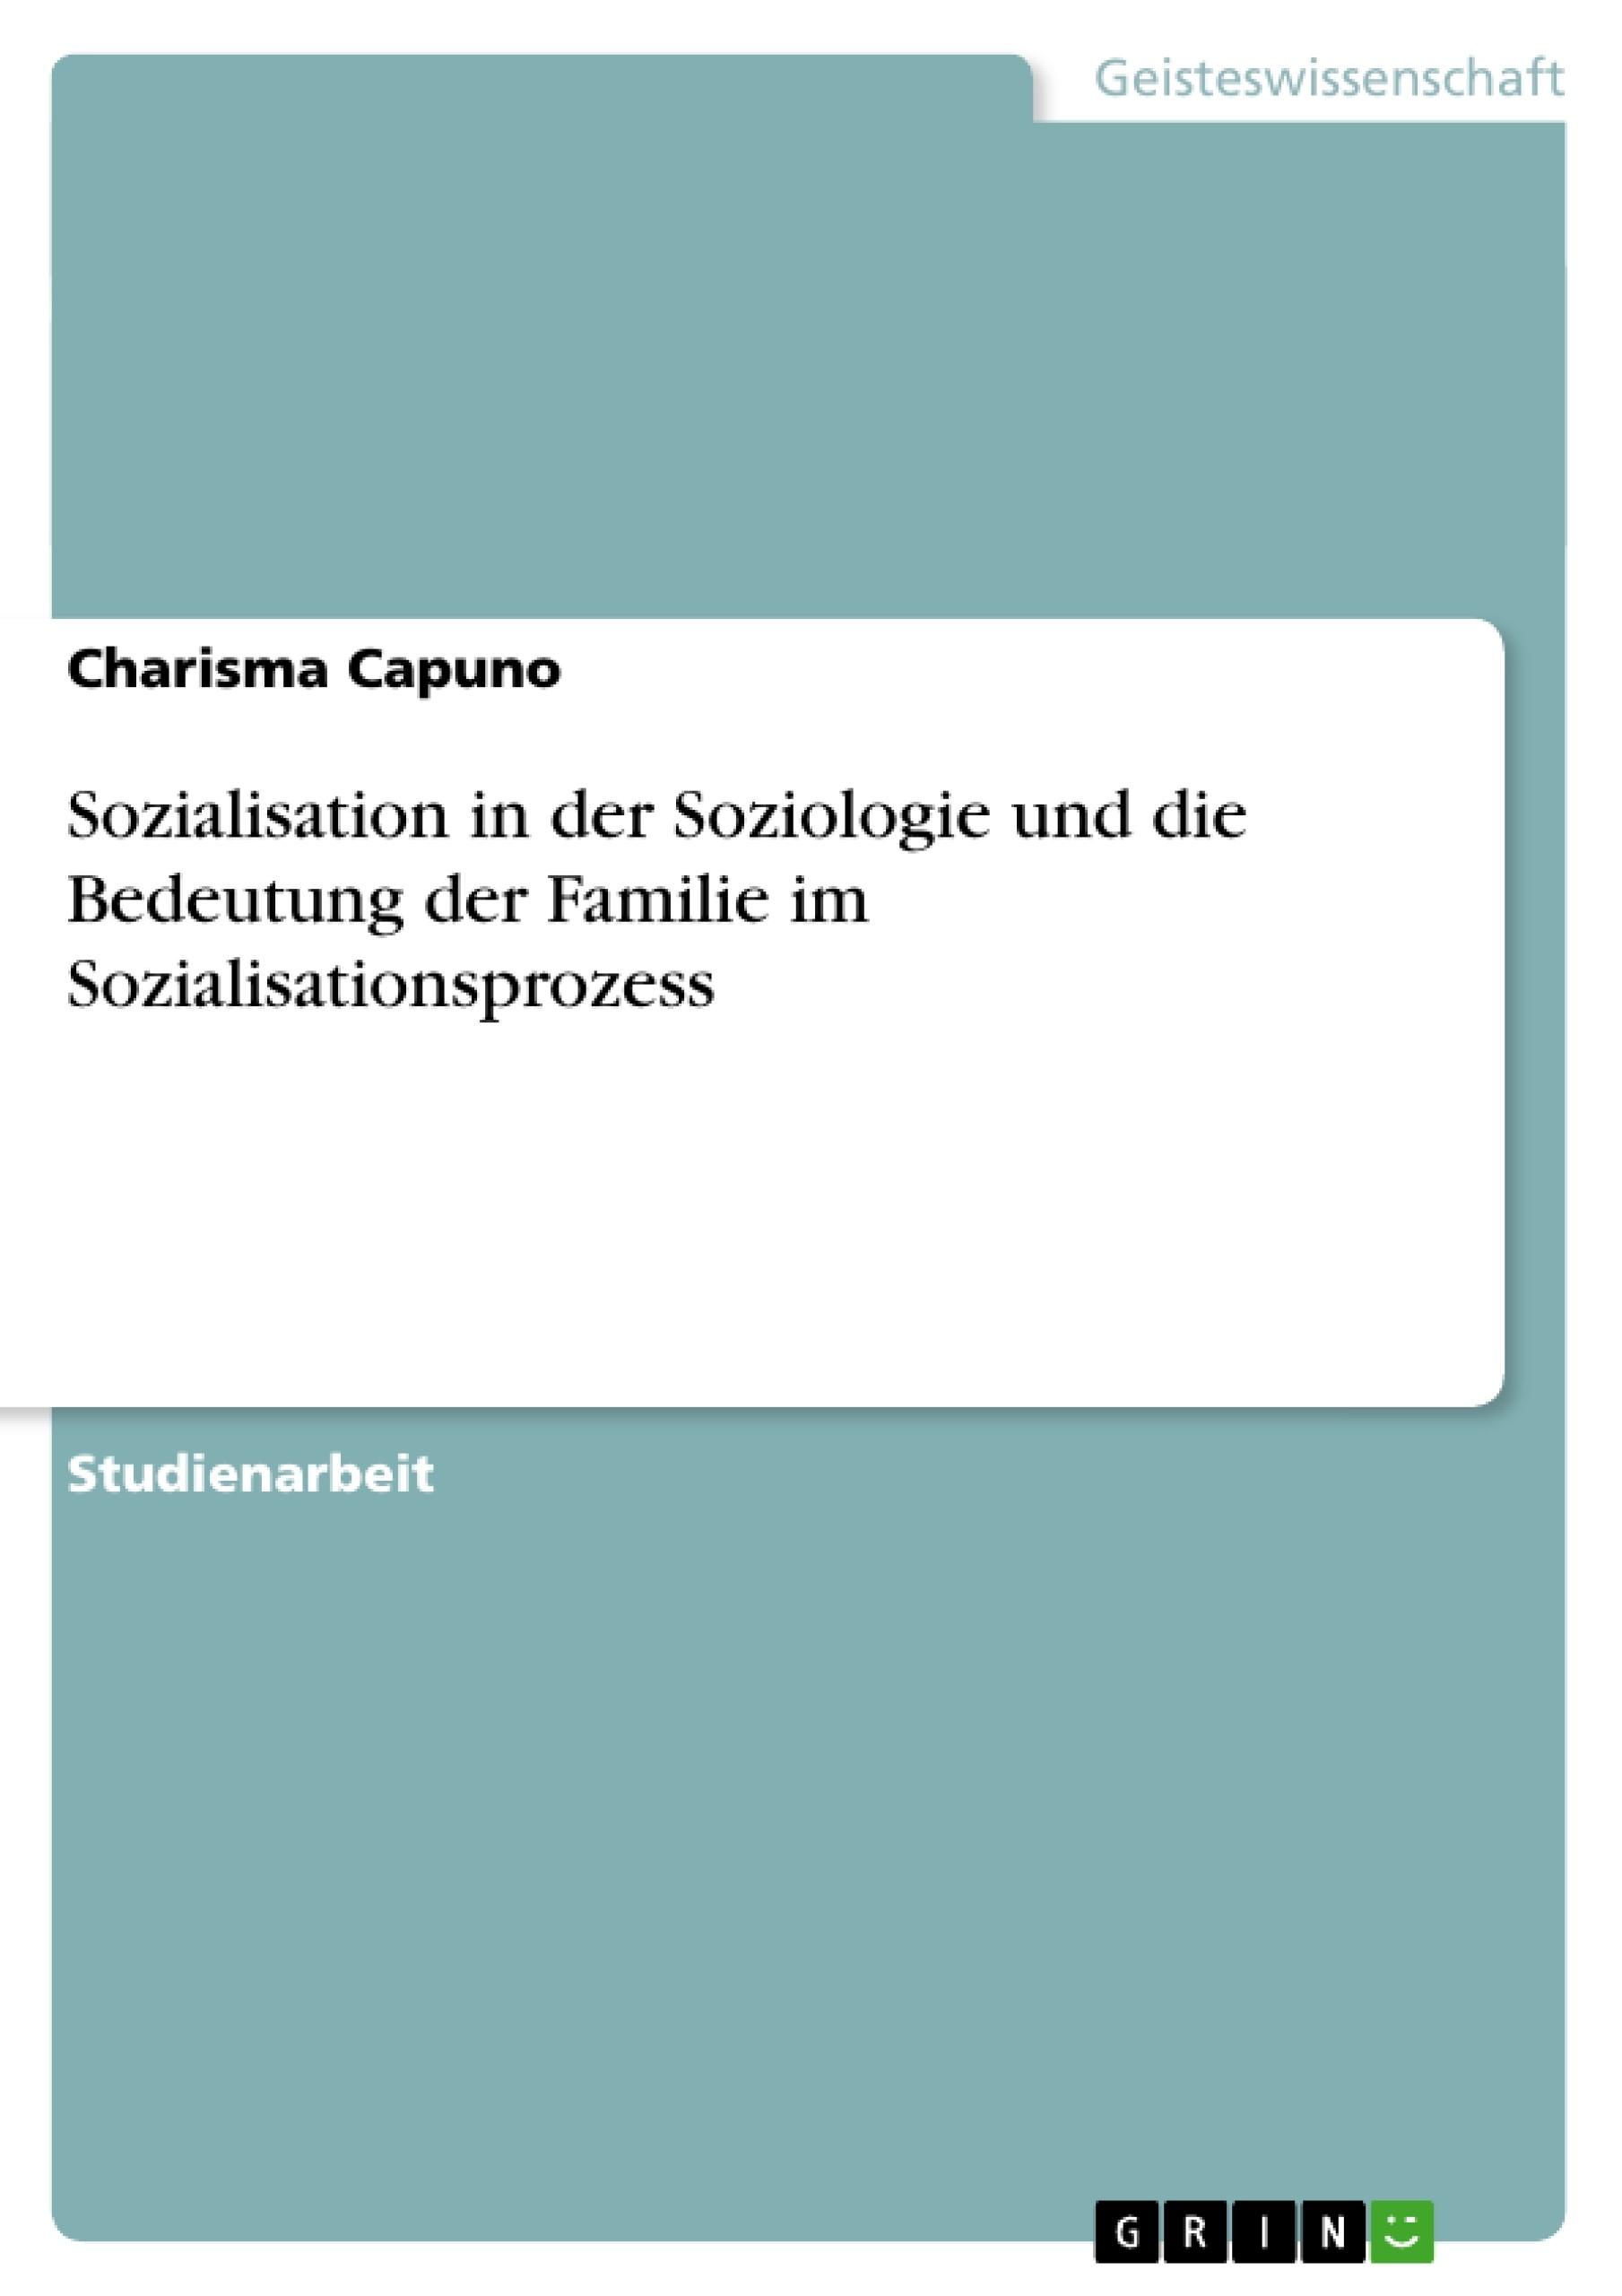 Titel: Sozialisation in der Soziologie und die Bedeutung der Familie im Sozialisationsprozess